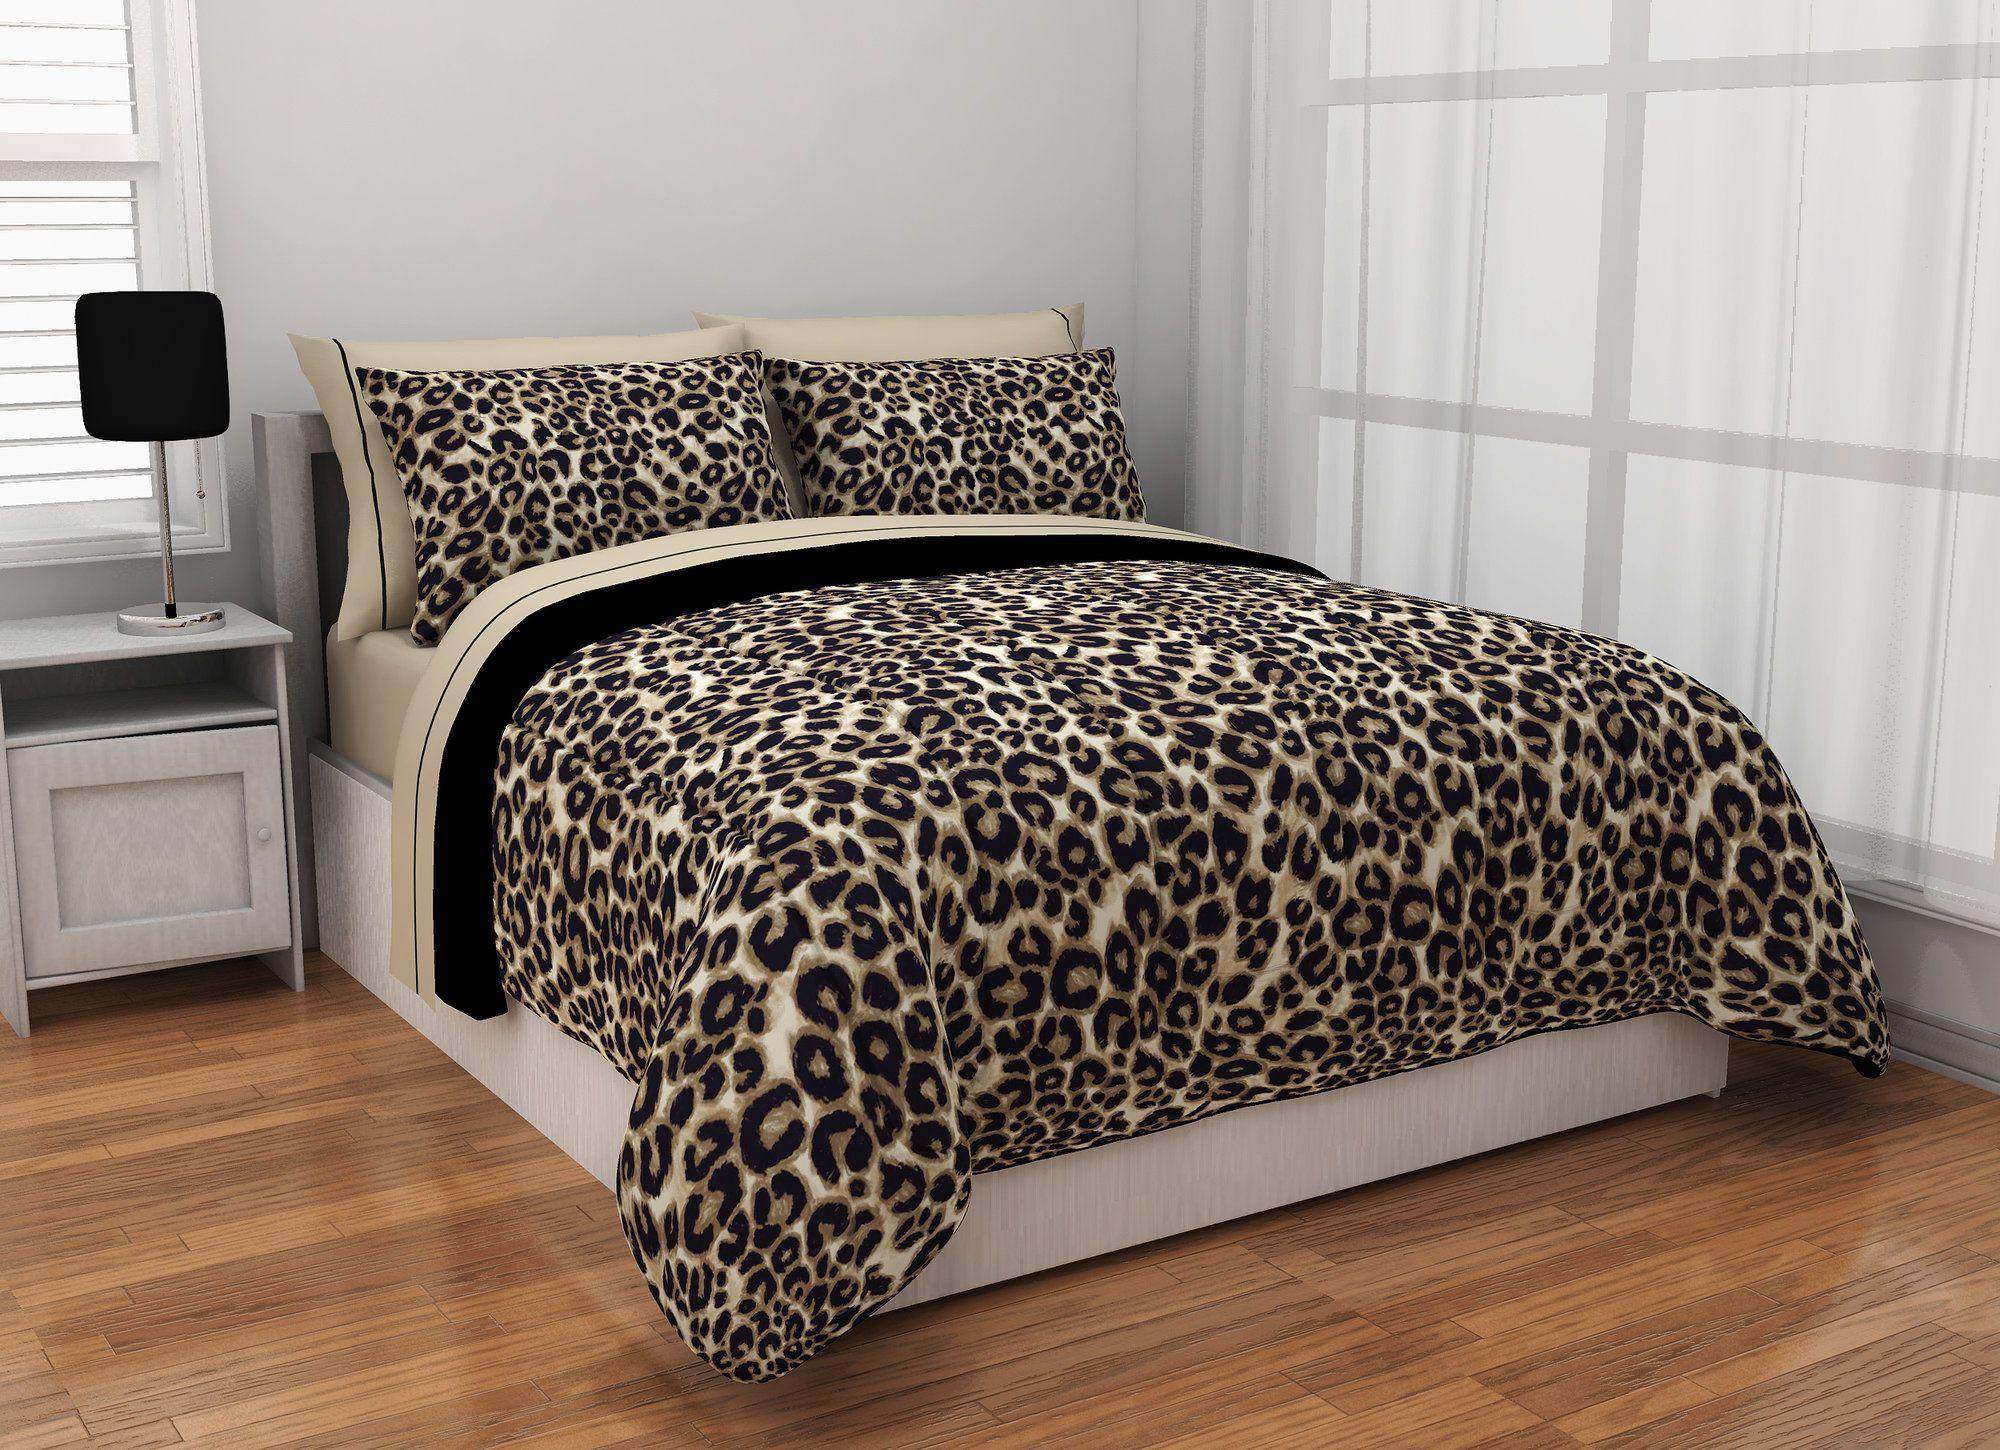 Lenzuola Leopardate Matrimoniali.Pin Di Tinaa Su Leopardato Camere Parquet